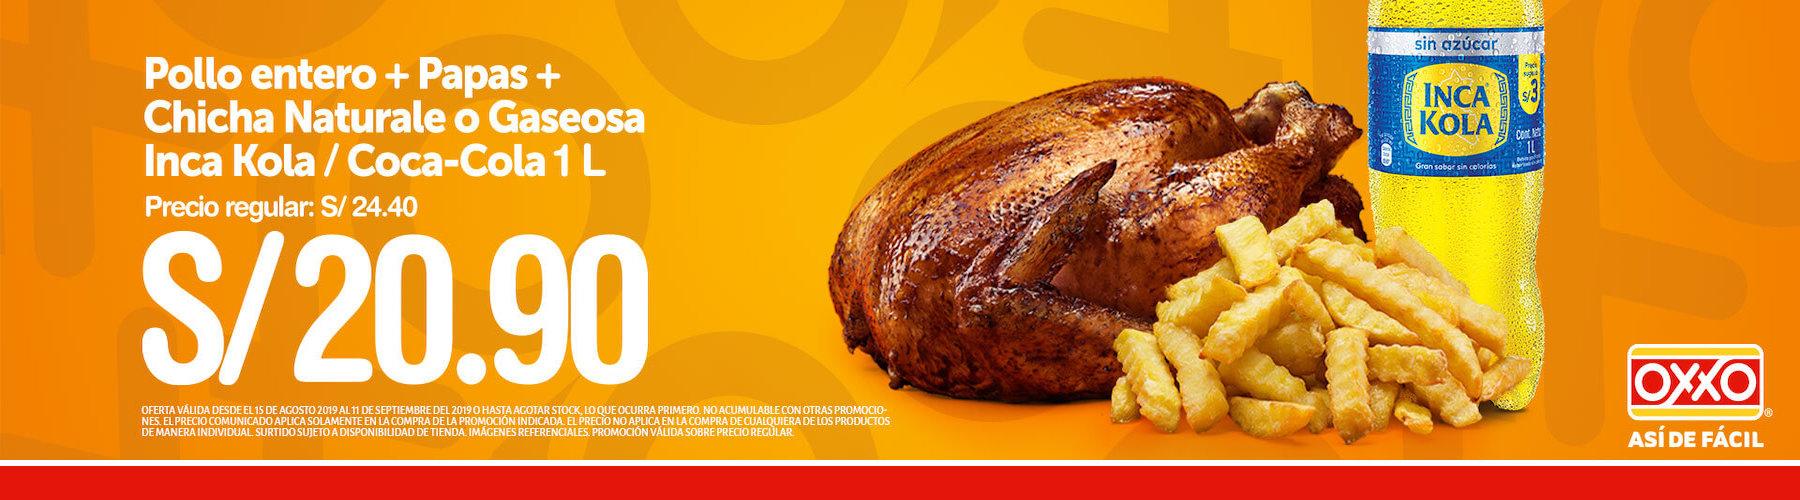 Pollo entero con papas mas chica natural o gaseosa